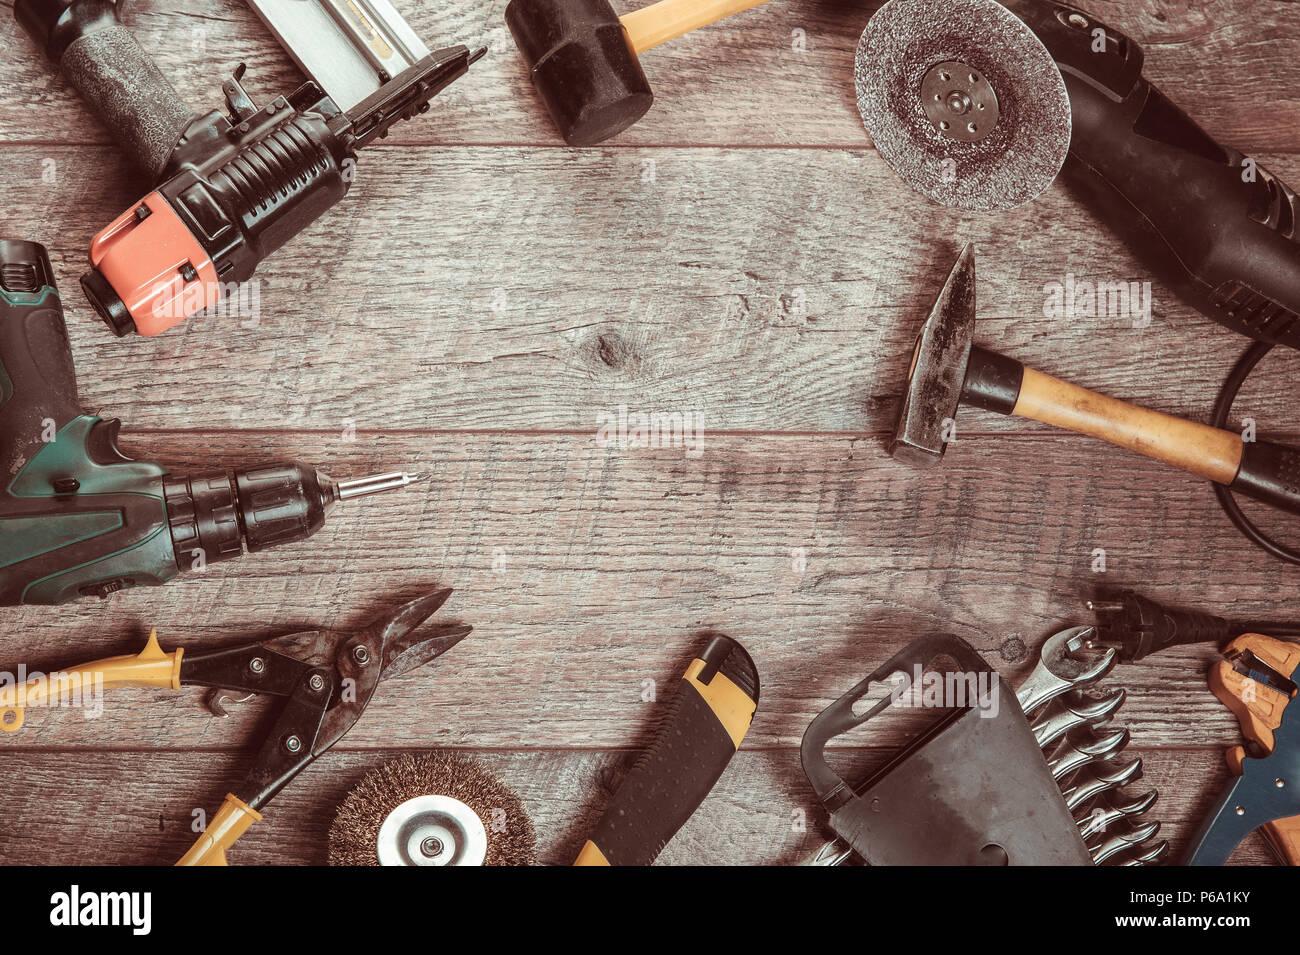 Herramientas eléctricas manuales, destornillador, taladro rompecabezas Sierra jointer. Foto de stock